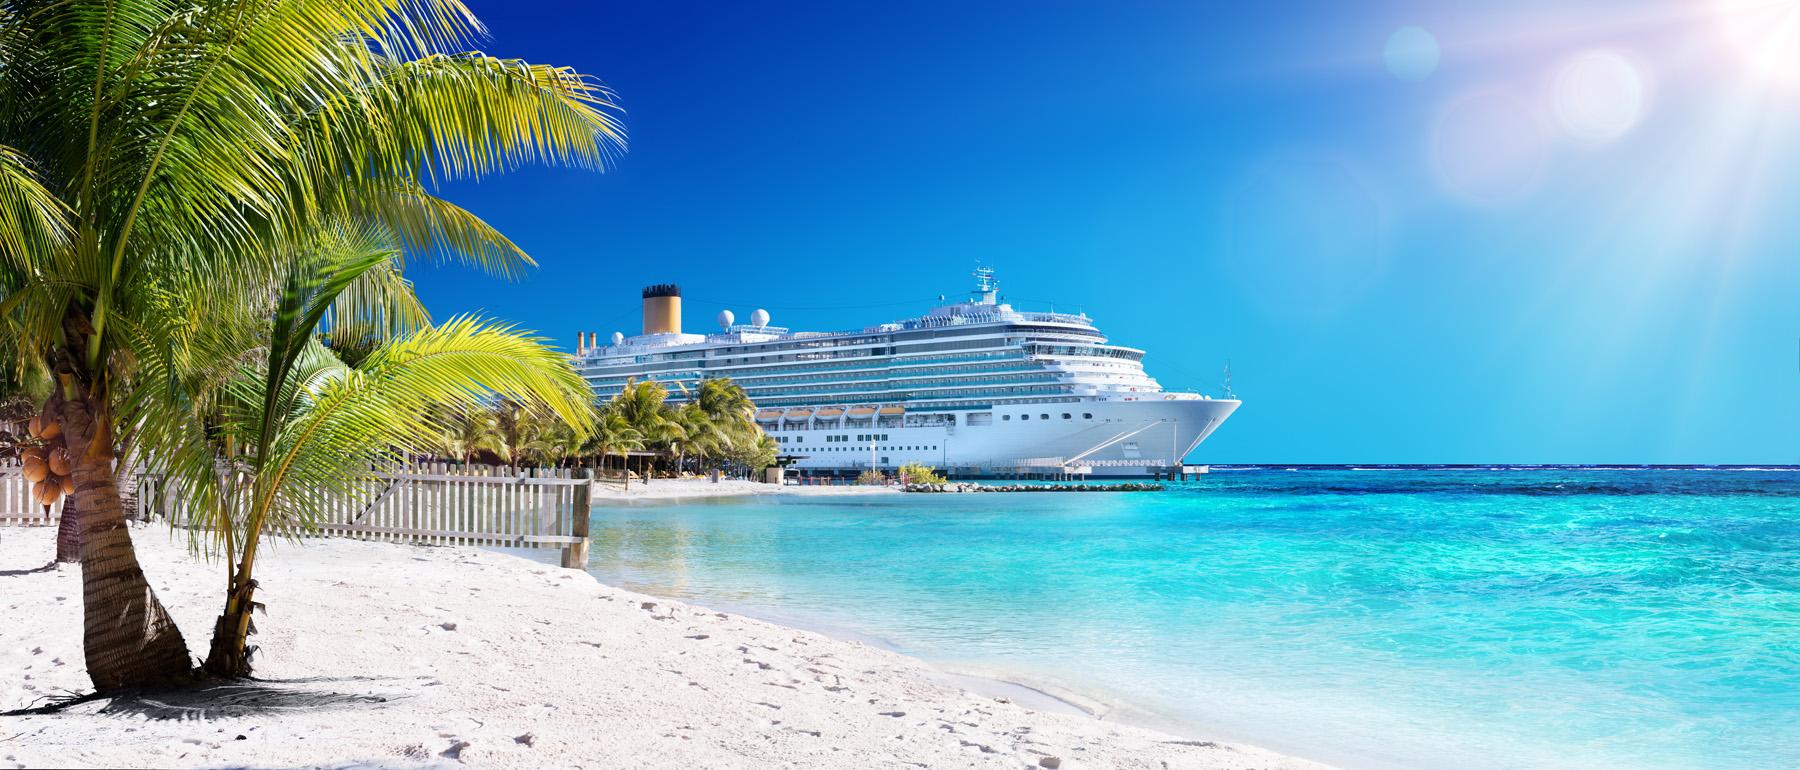 Zdjęcie plaża statek